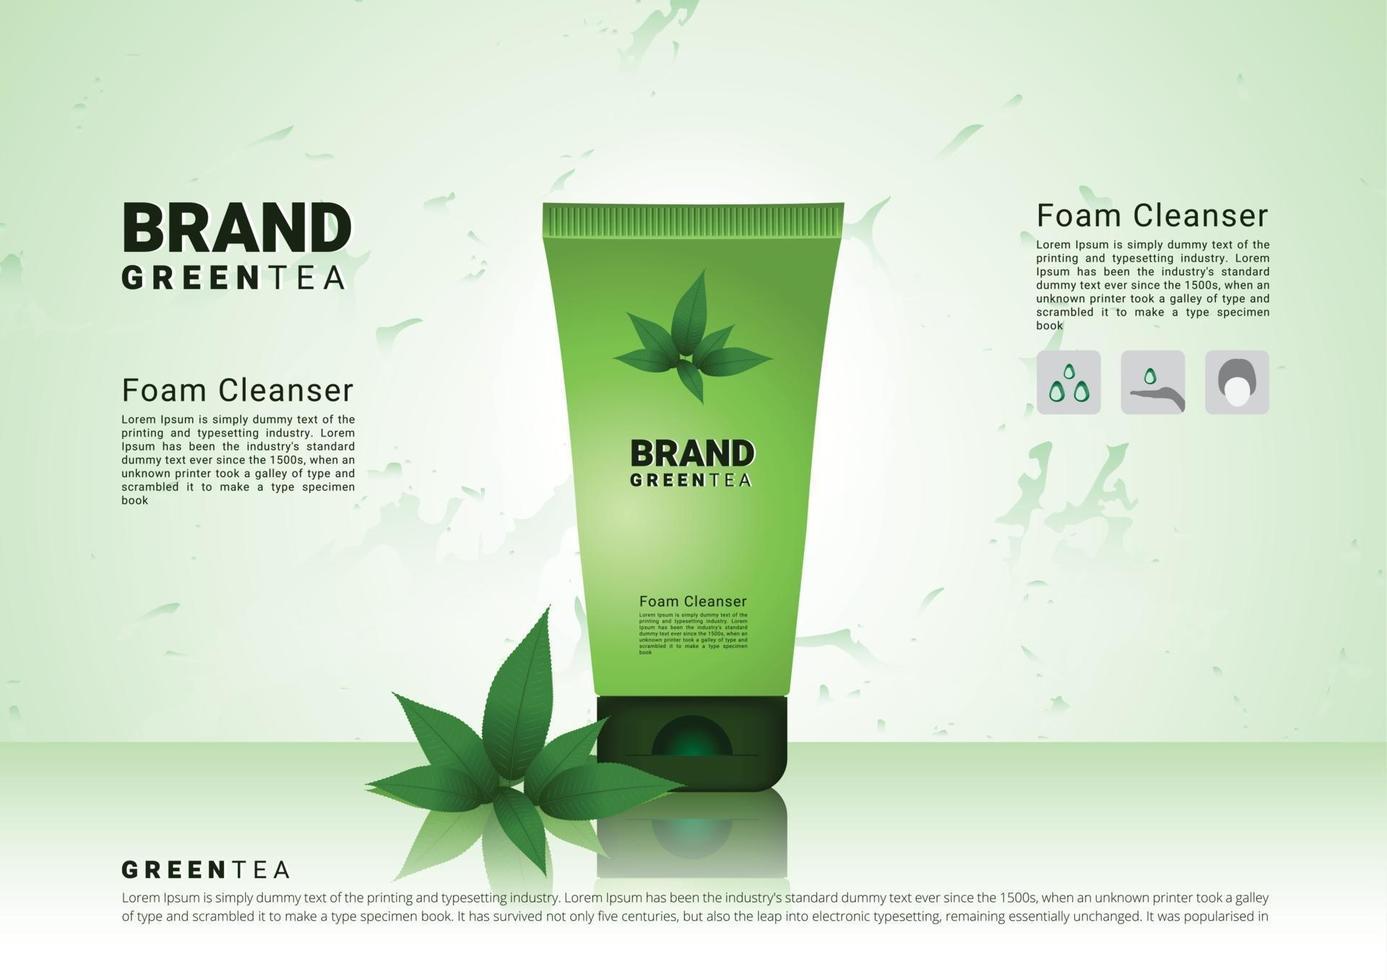 schiuma detergente al tè verde con sfondo morbido e illustrazione vettoriale di imballaggio 3d